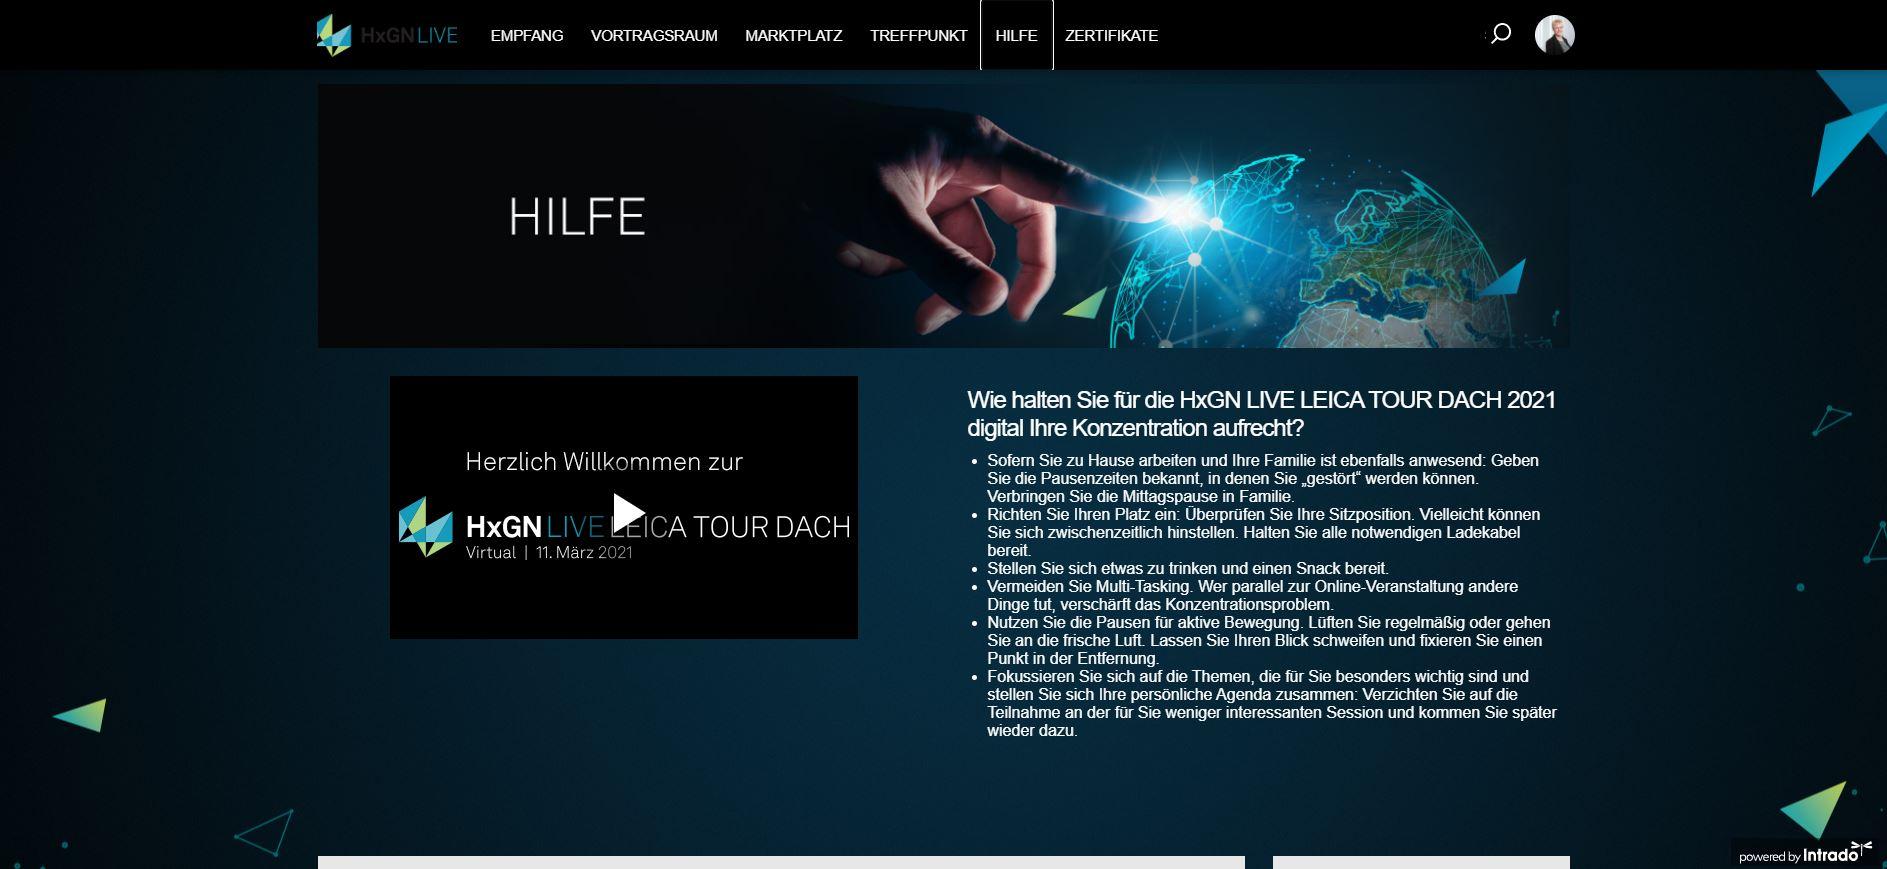 Der Hilfe-Bereich - HxGN LIVE LEICA TOUR DACH 2021